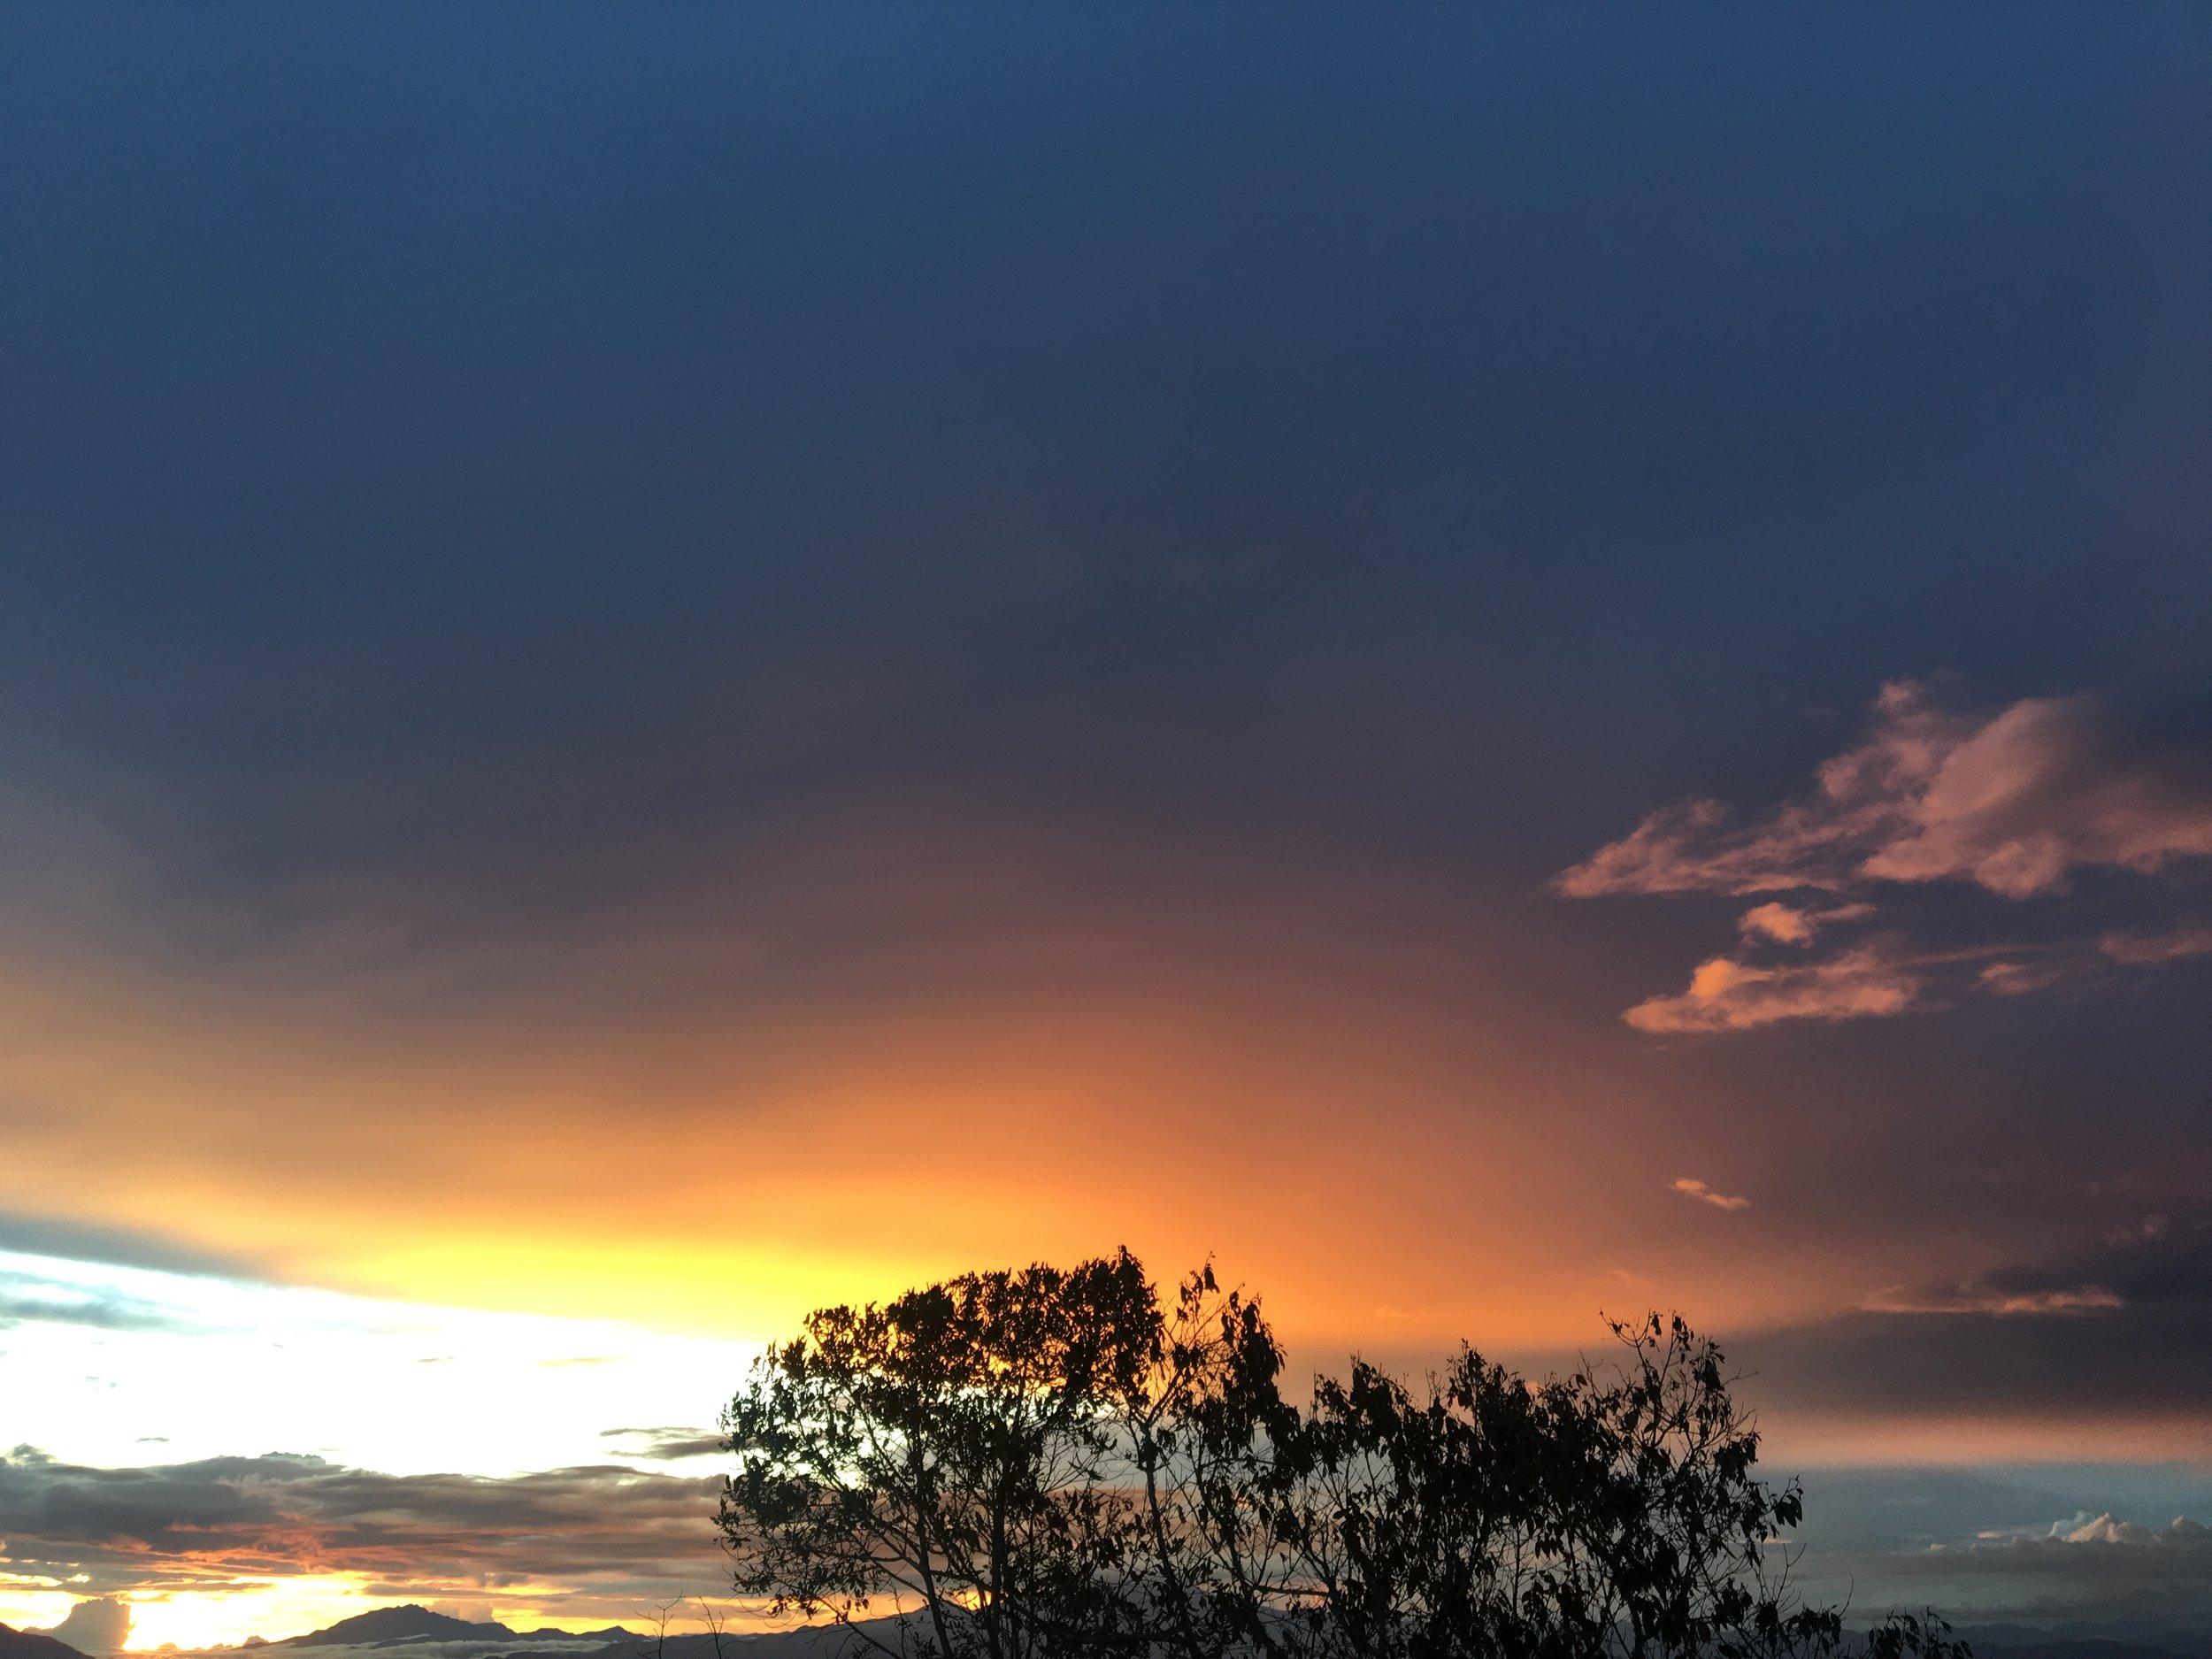 Sunset in Las Nubes